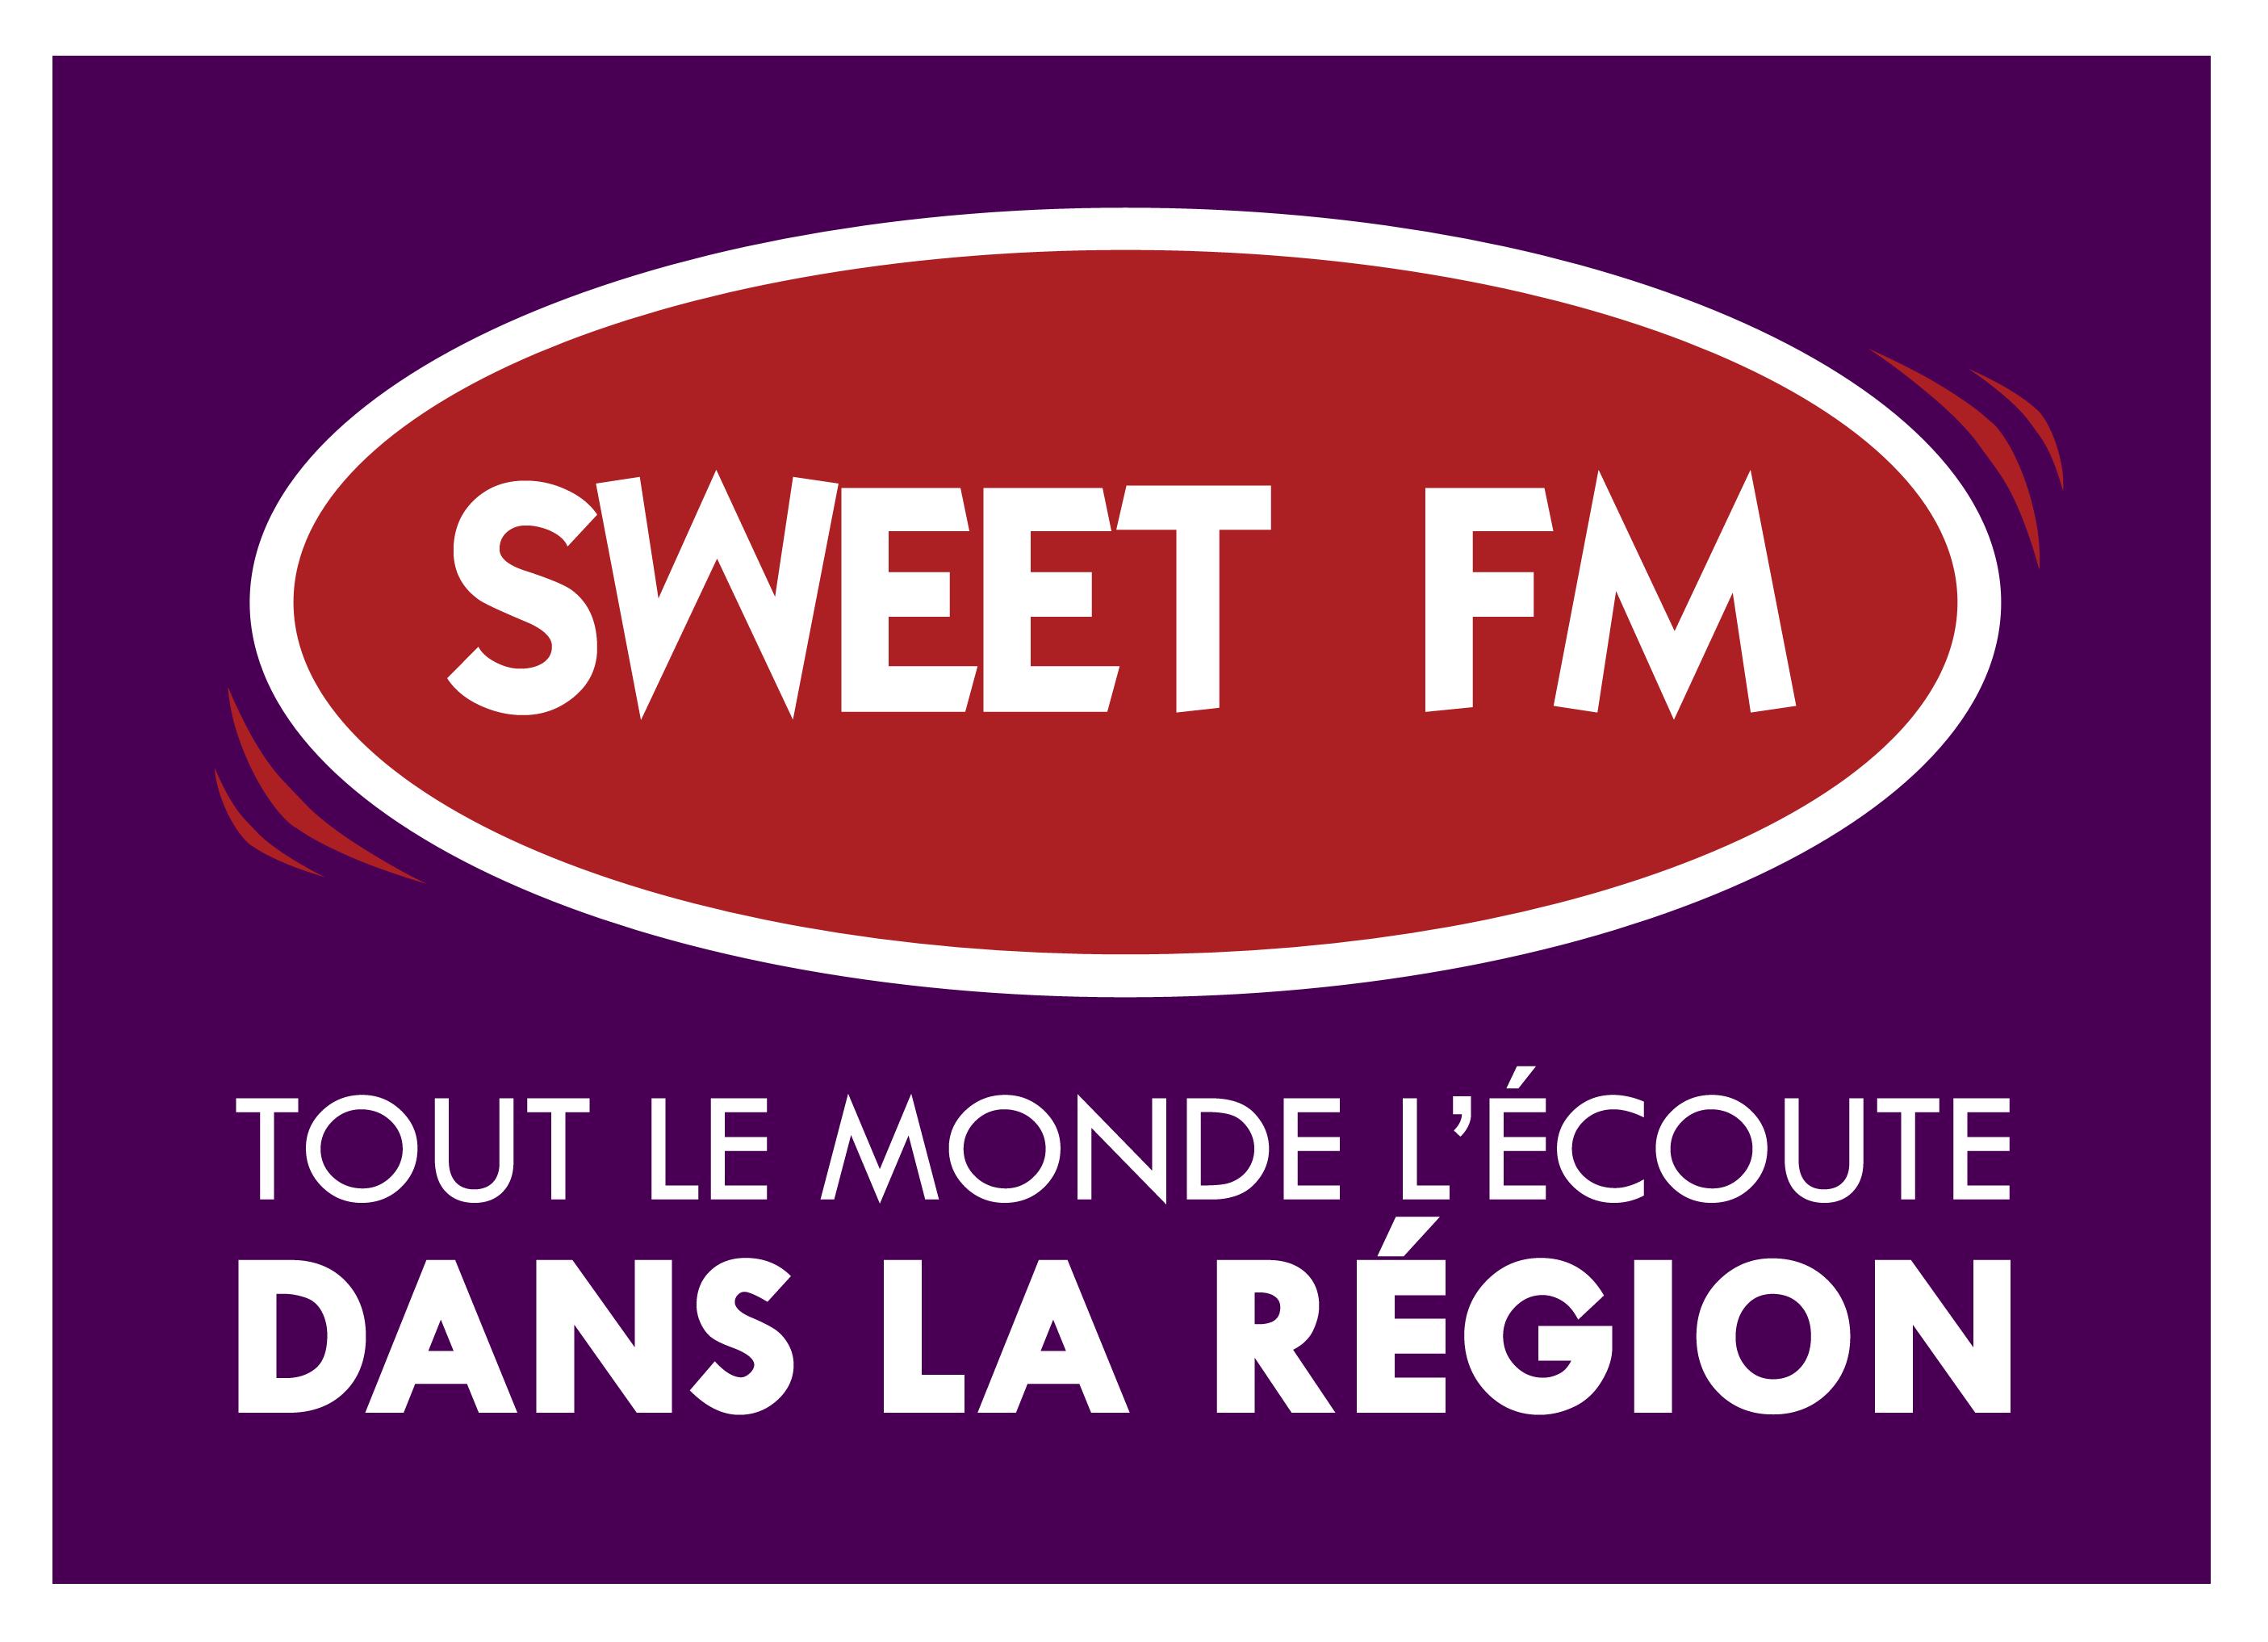 Logo Sweet FM, une radio commercialisée par Régie Radio Régions